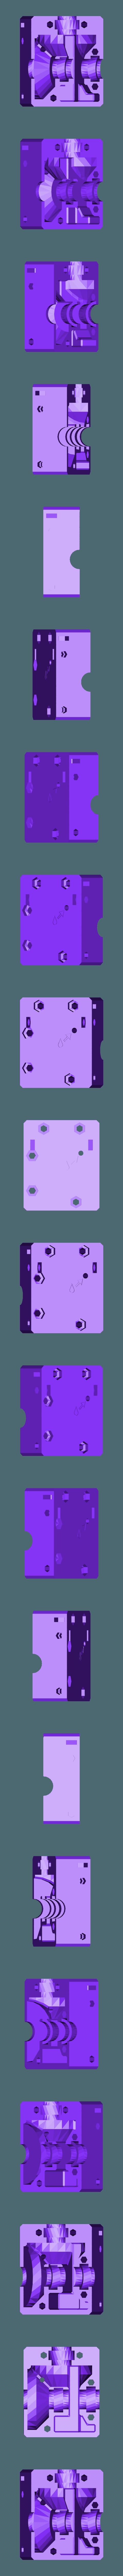 enclosure_side_B.stl Télécharger fichier STL gratuit Réducteur à angle droit Nema 17 avec engrenages coniques à denture hélicoïdale • Modèle pour imprimante 3D, dasaki